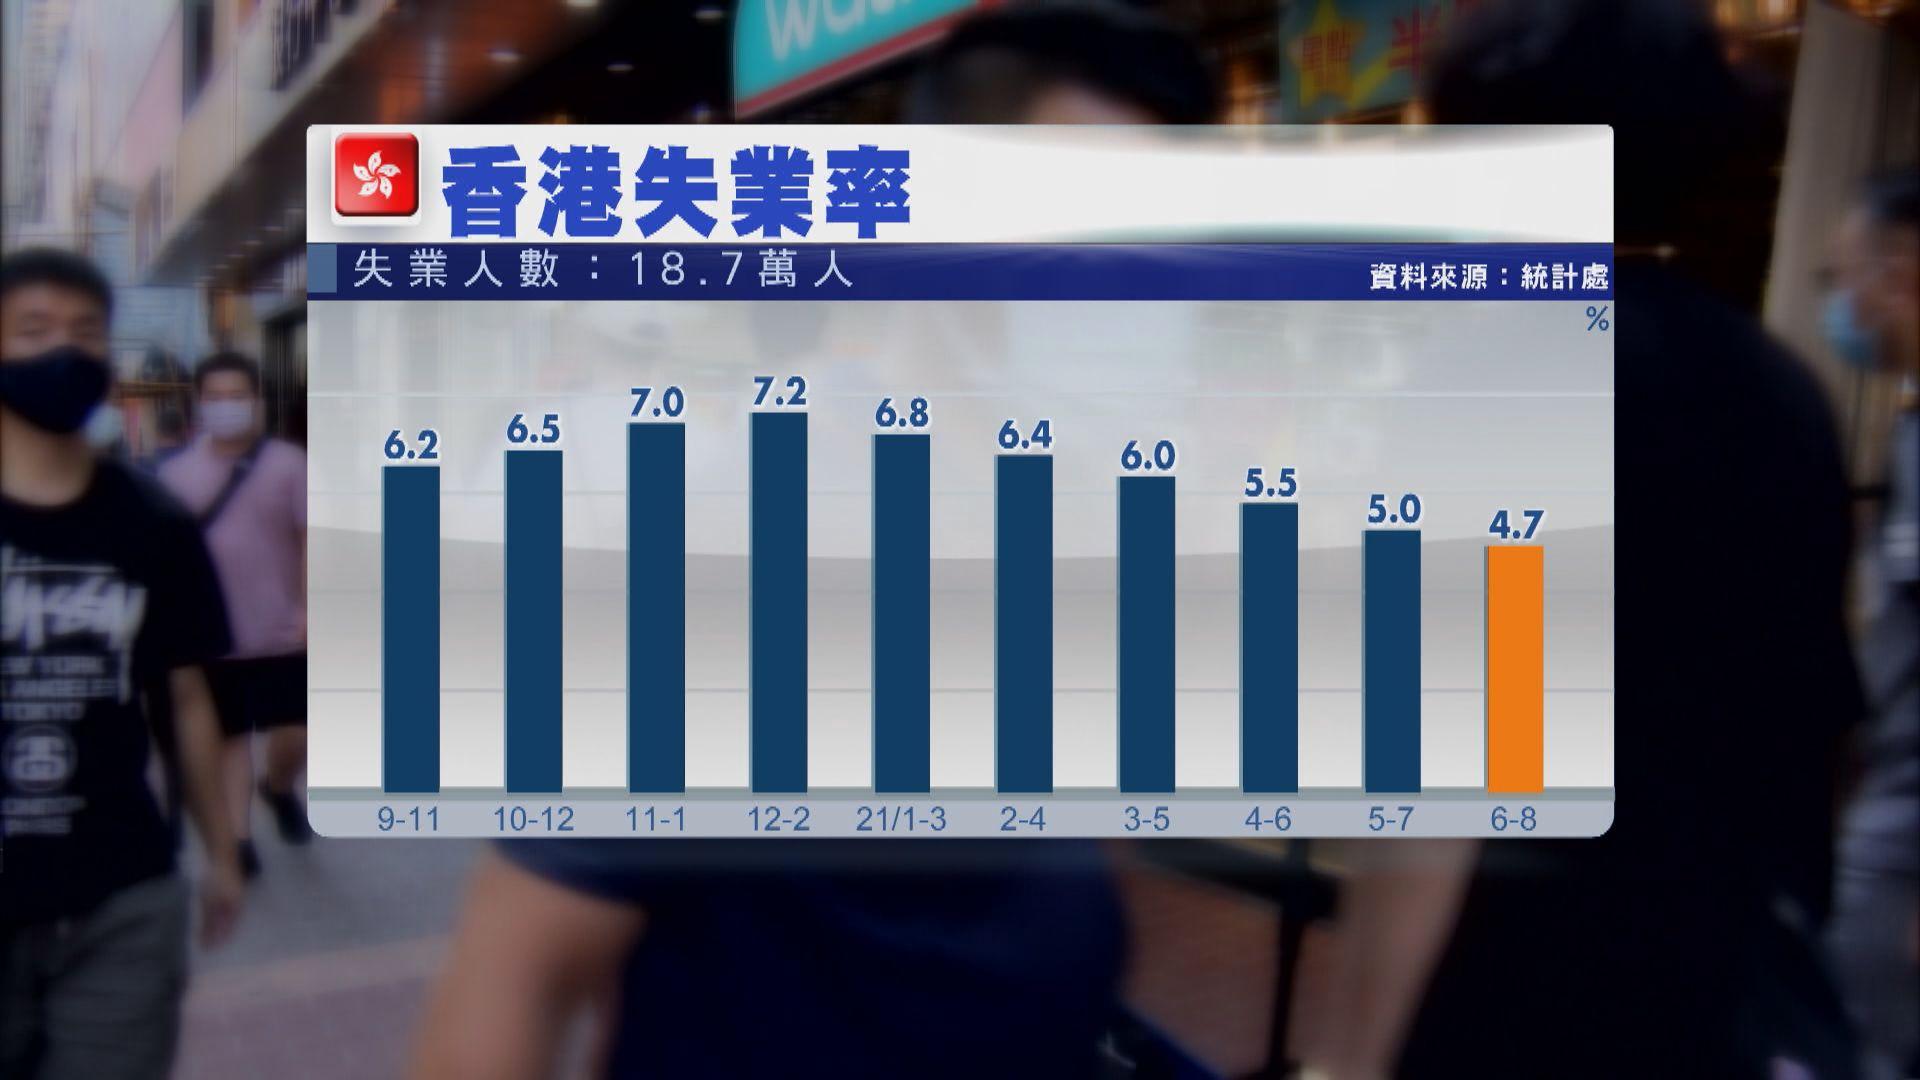 【港失業率】失業大軍約18.7萬人 減少逾1萬人